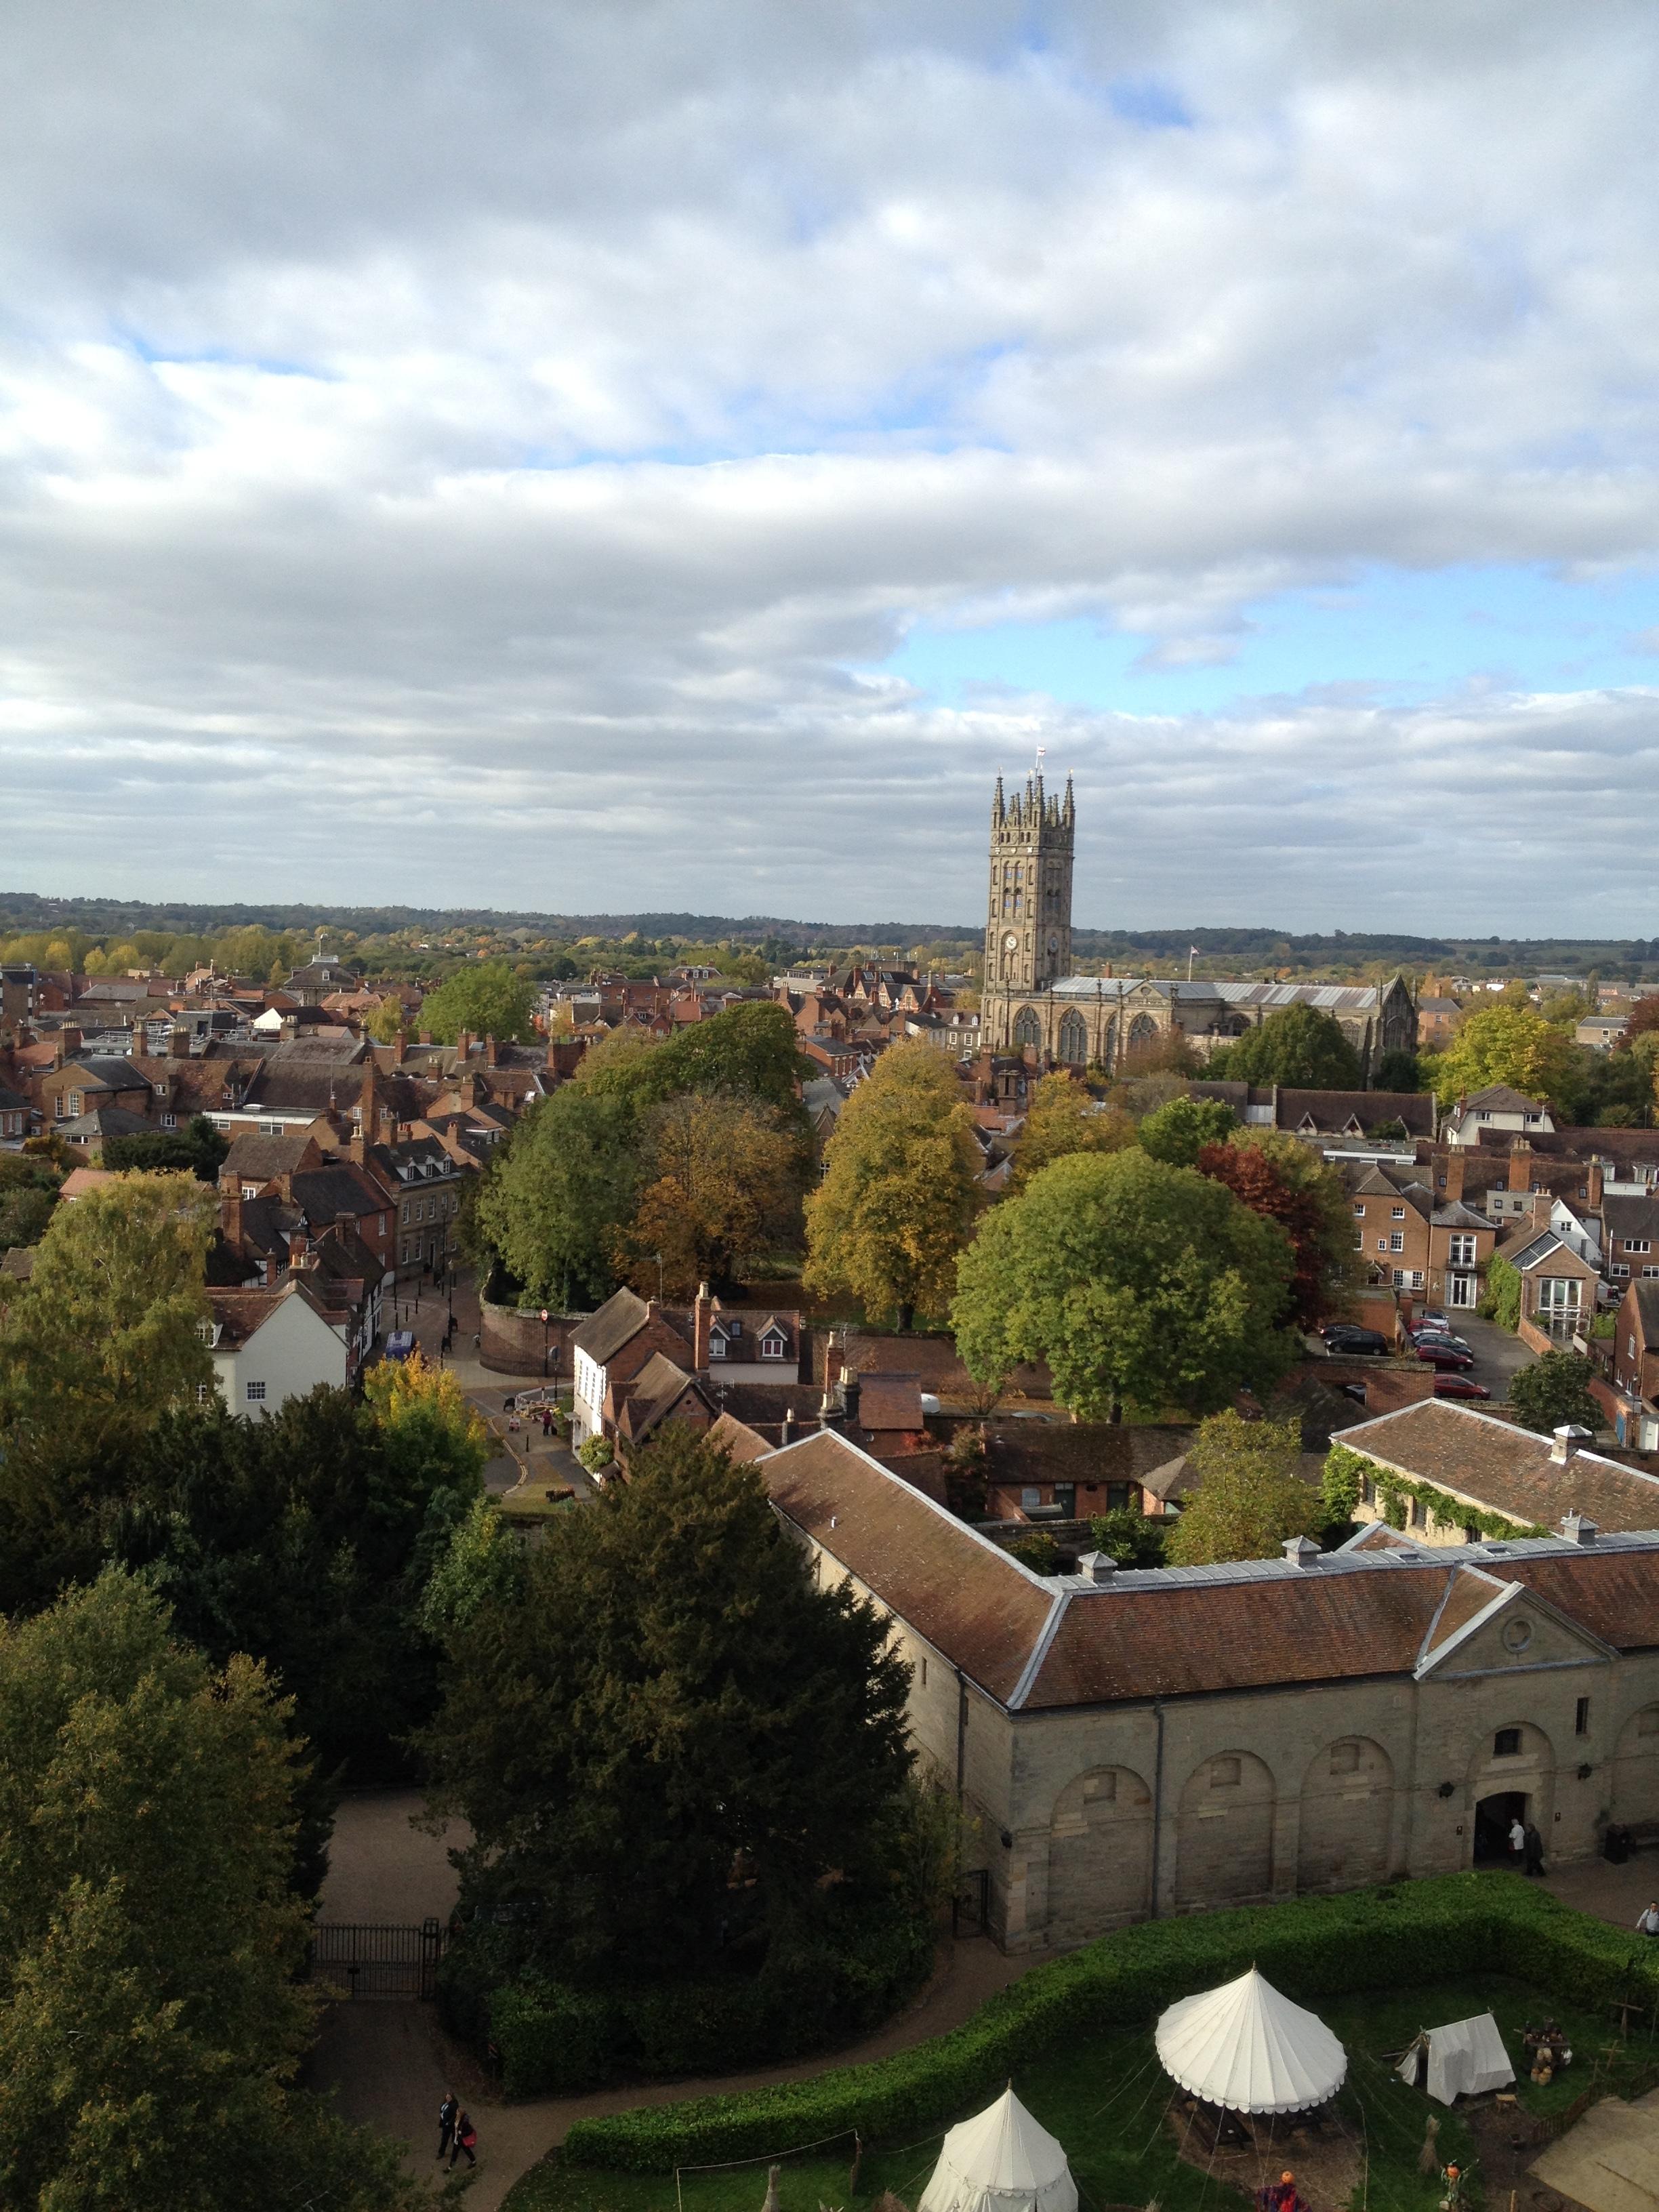 From Warwick Castle